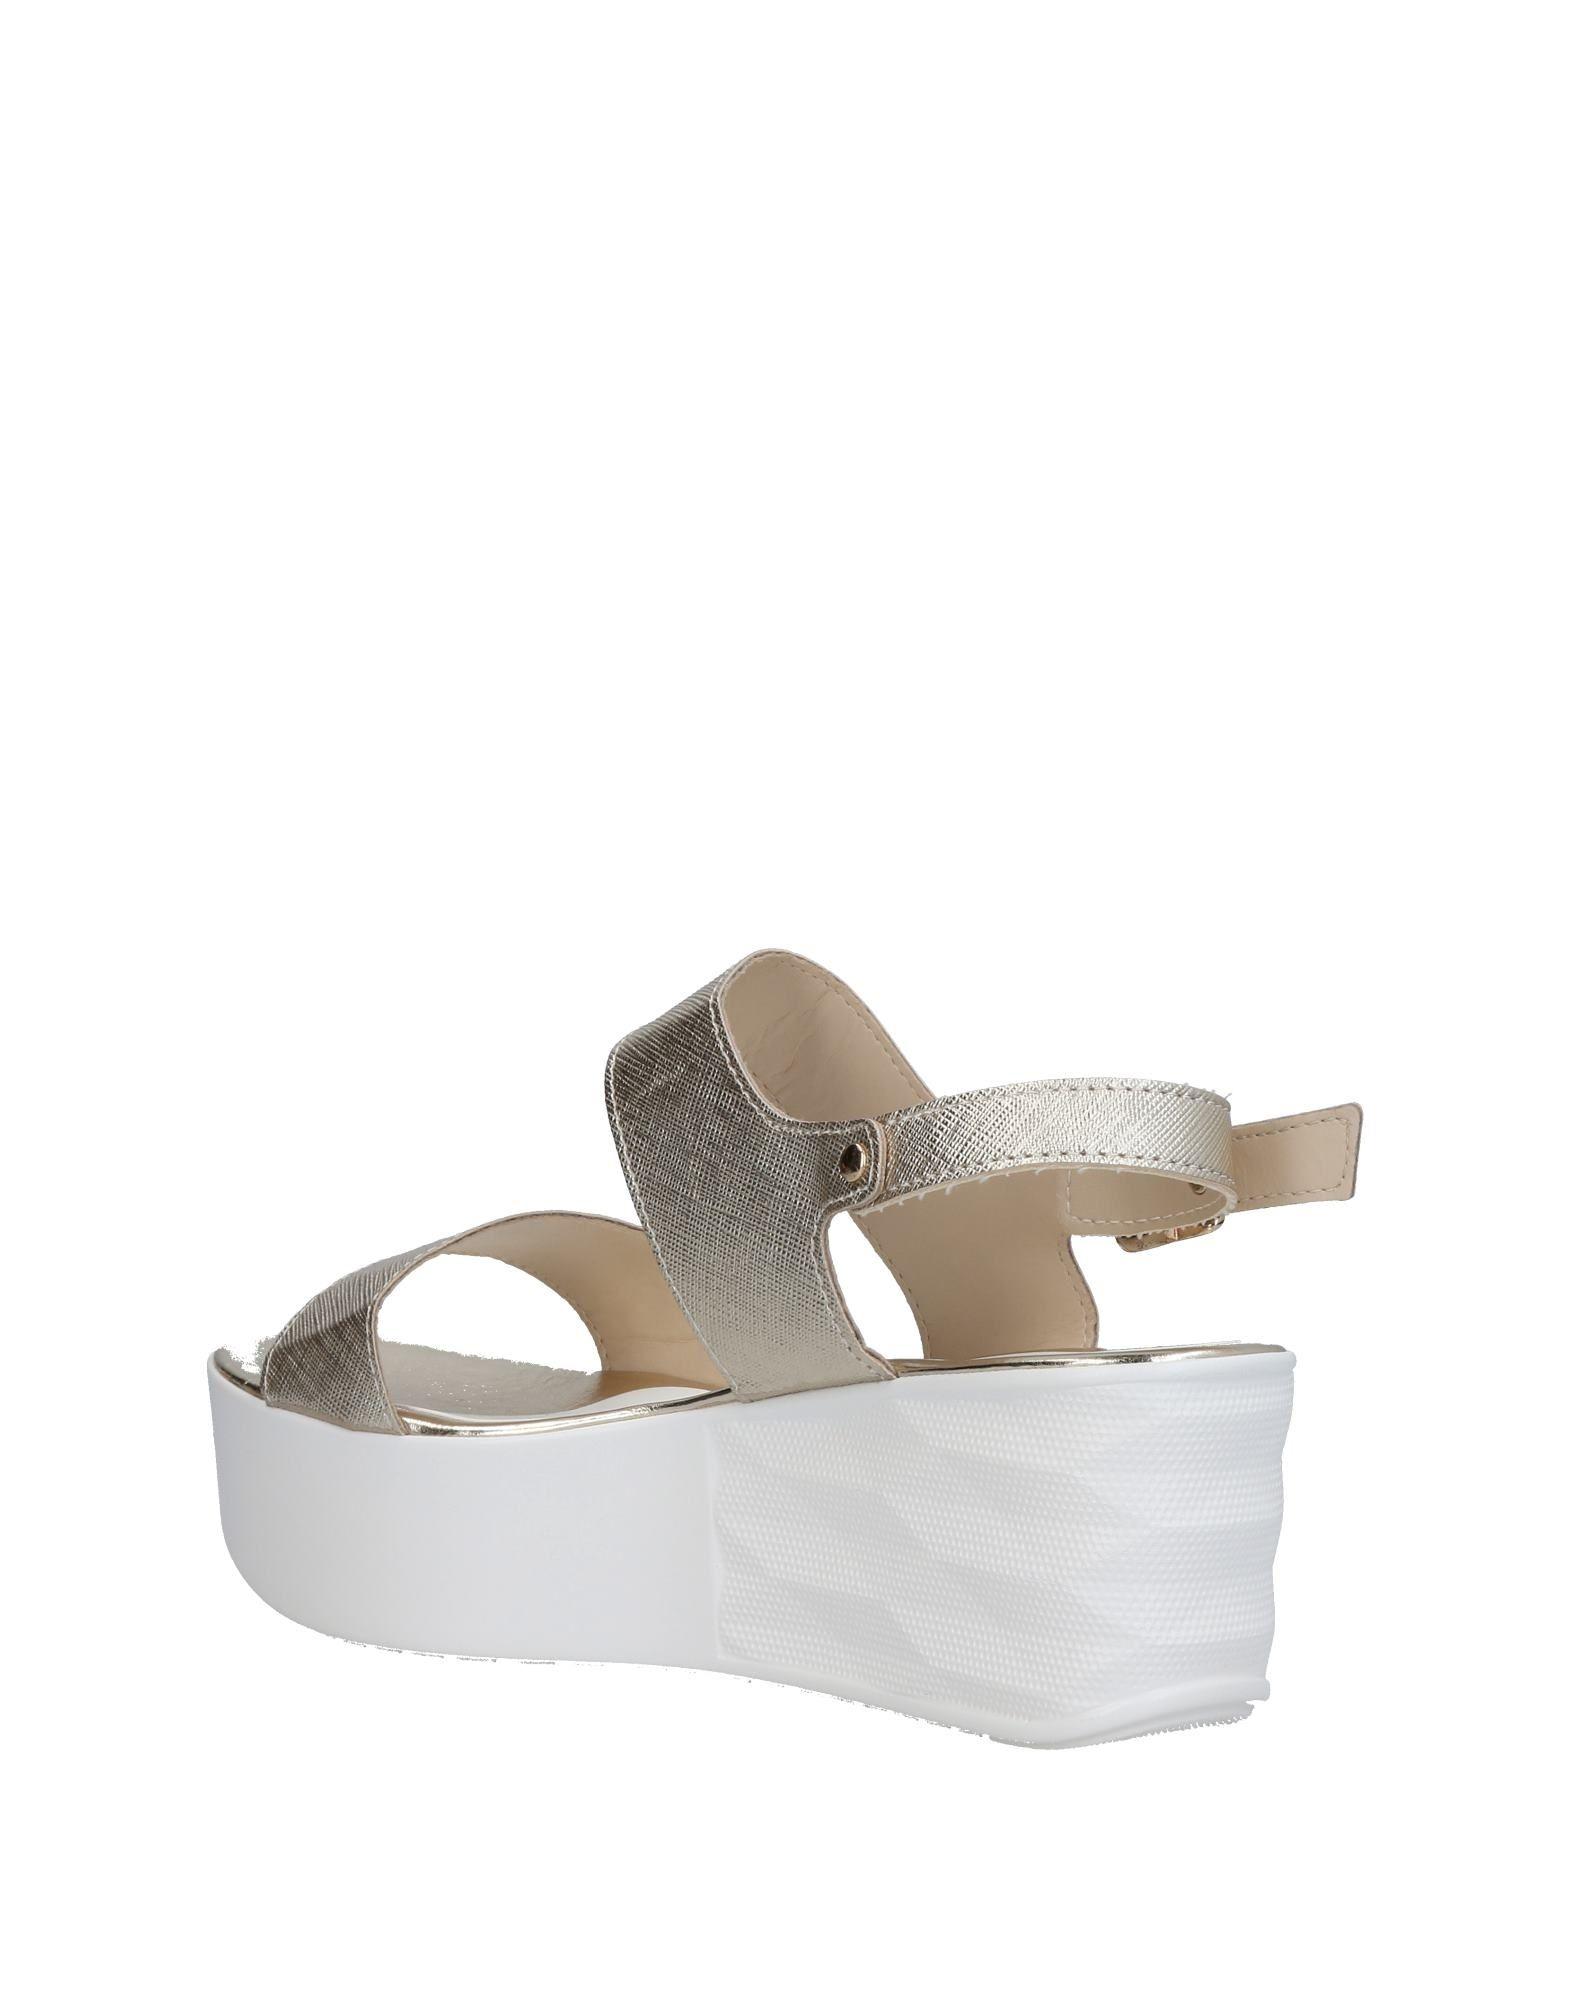 Sara® Collection Sandalen Qualität Damen  11435640AW Gute Qualität Sandalen beliebte Schuhe 0f4434